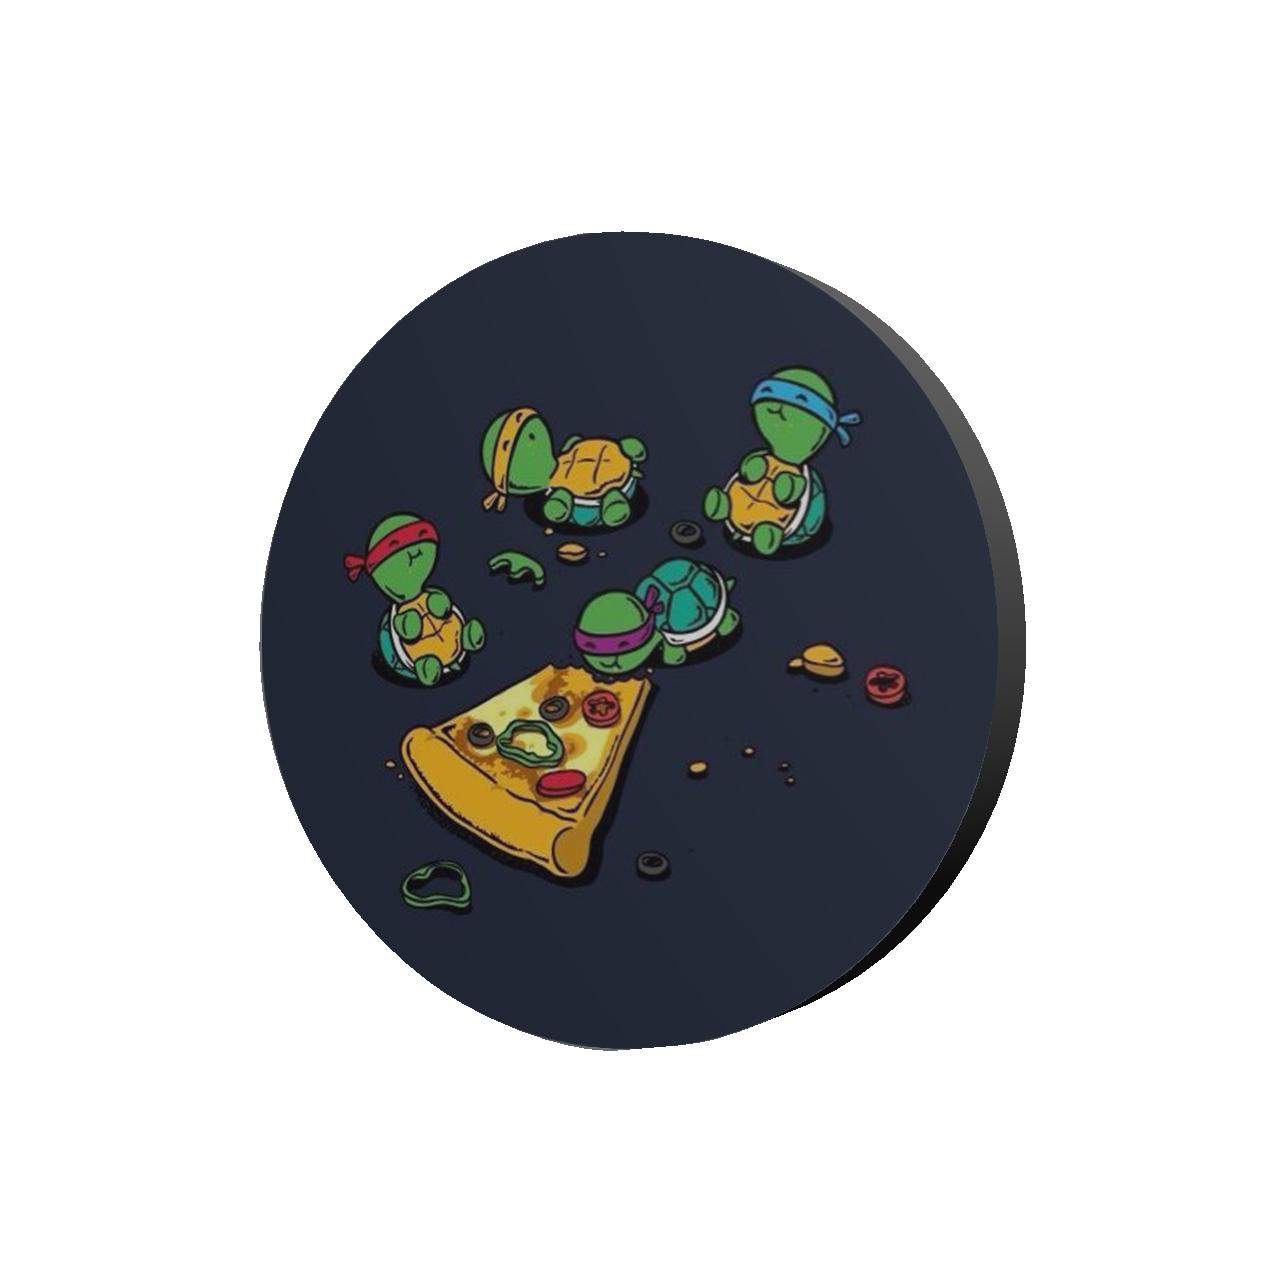 استیکر طرح لاکپشت های نینجا  کد 276